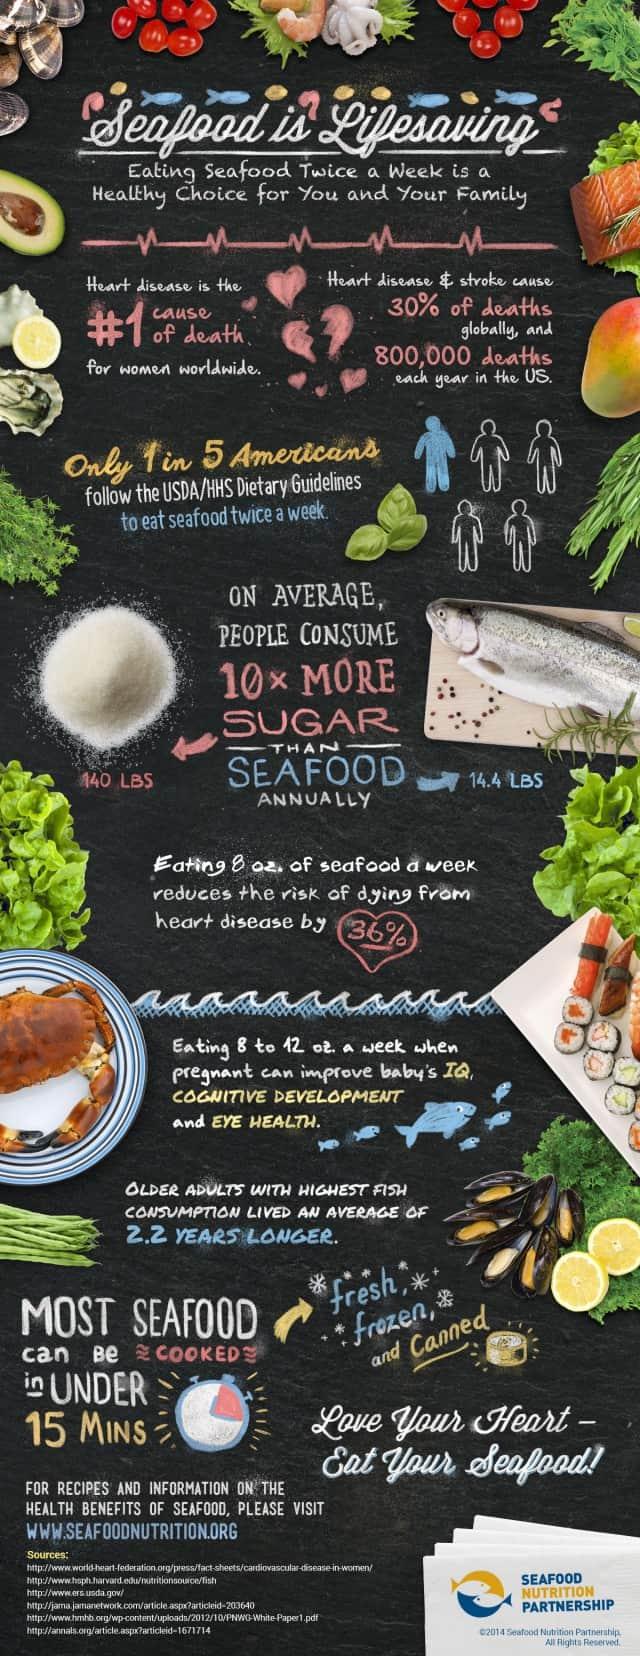 Seafood is Lifesaving